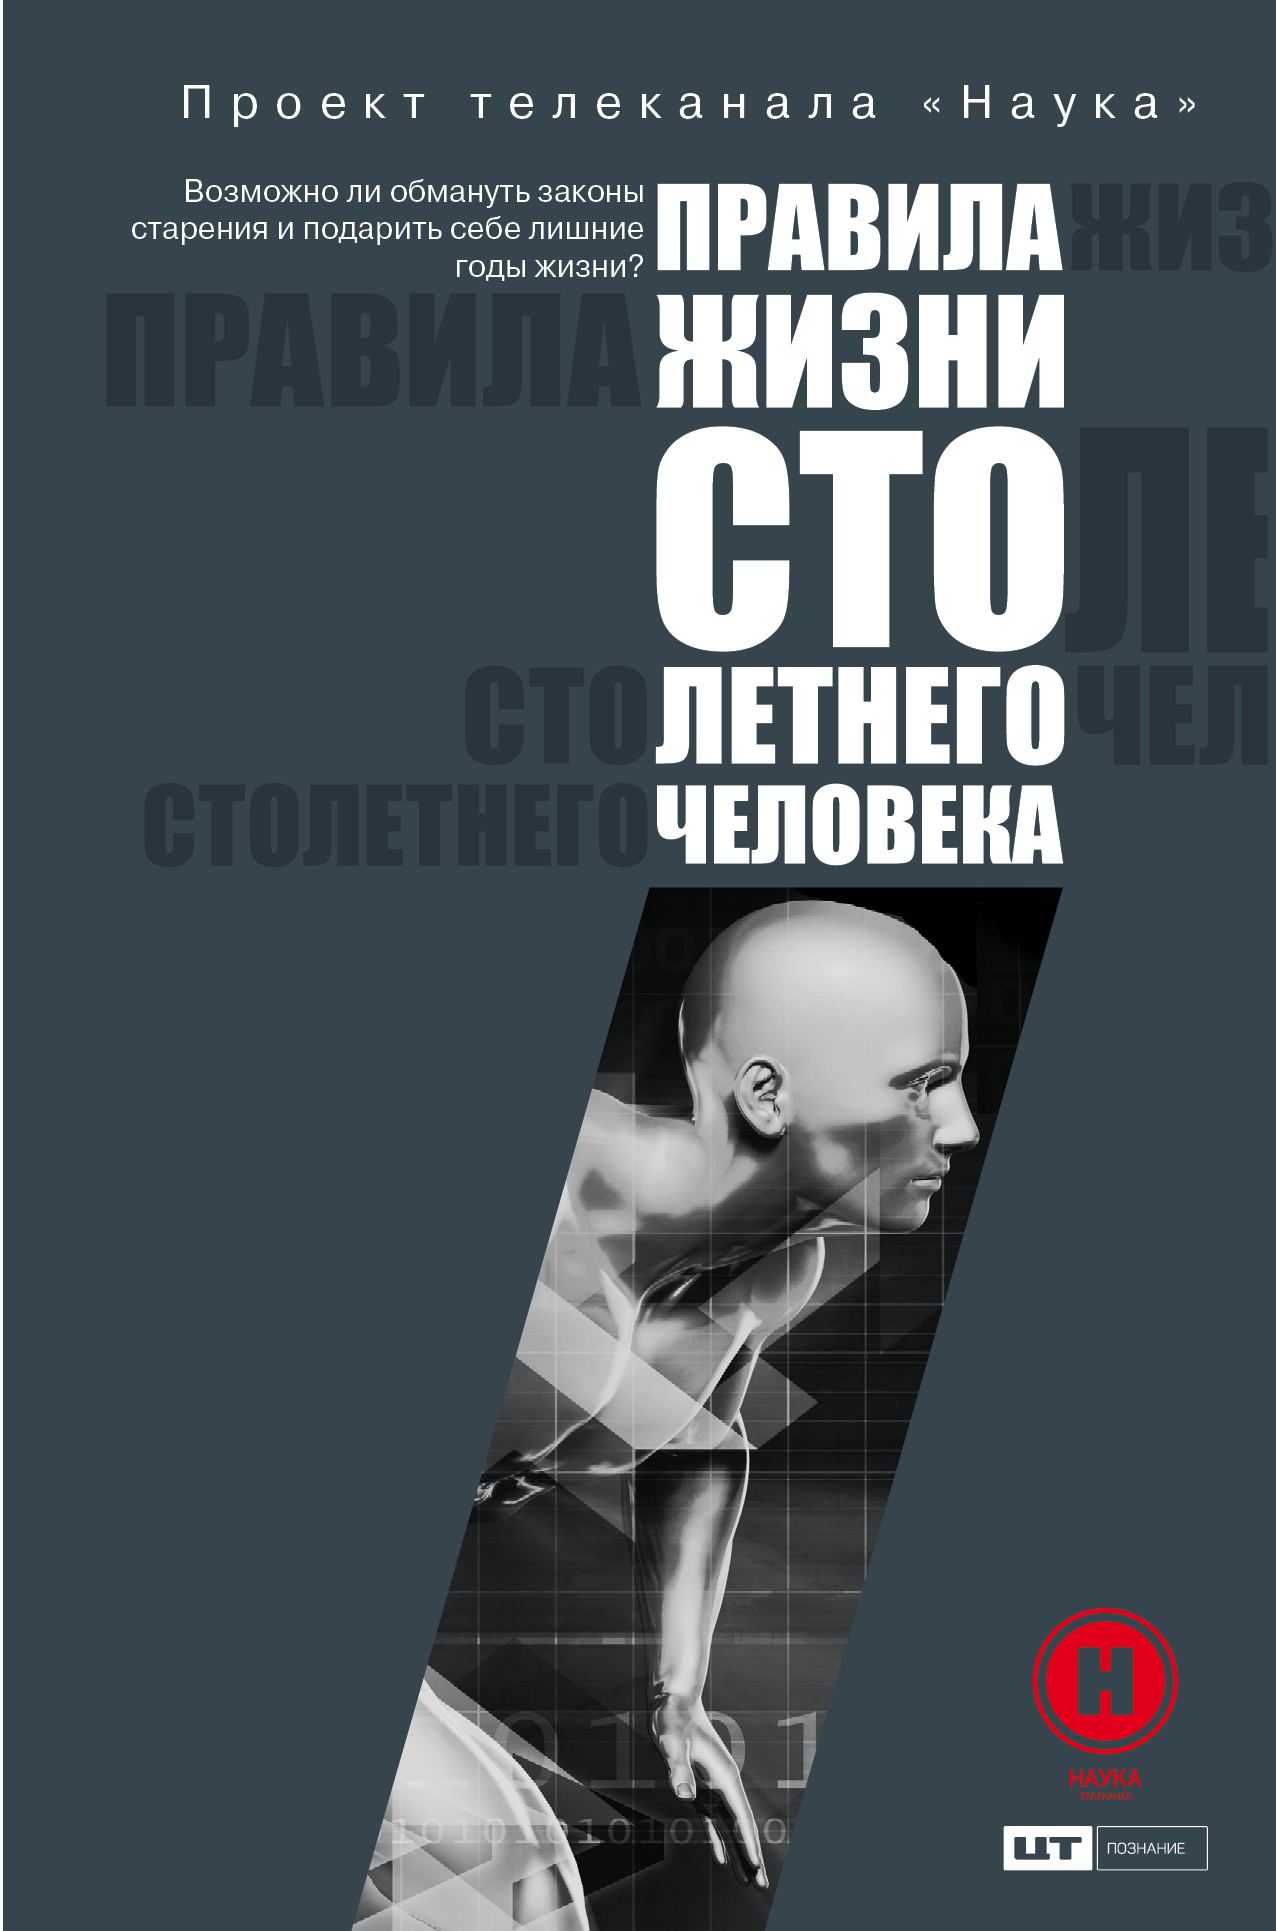 Правила жизни 100-летнего человека от book24.ru